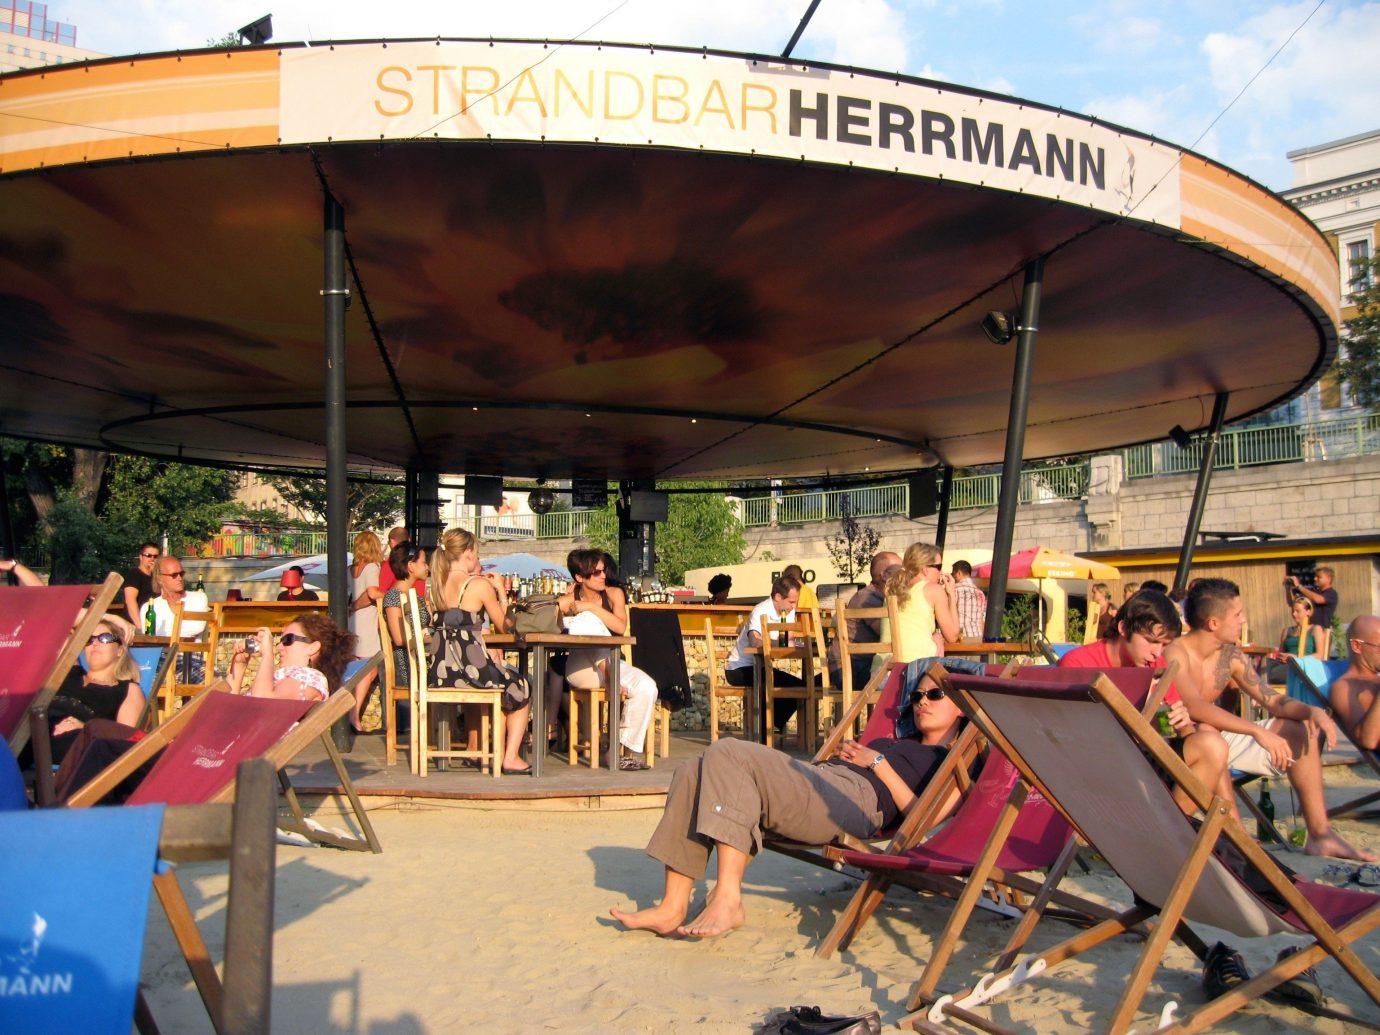 Trip Ideas outdoor leisure fair public space City amusement park park market festival Resort